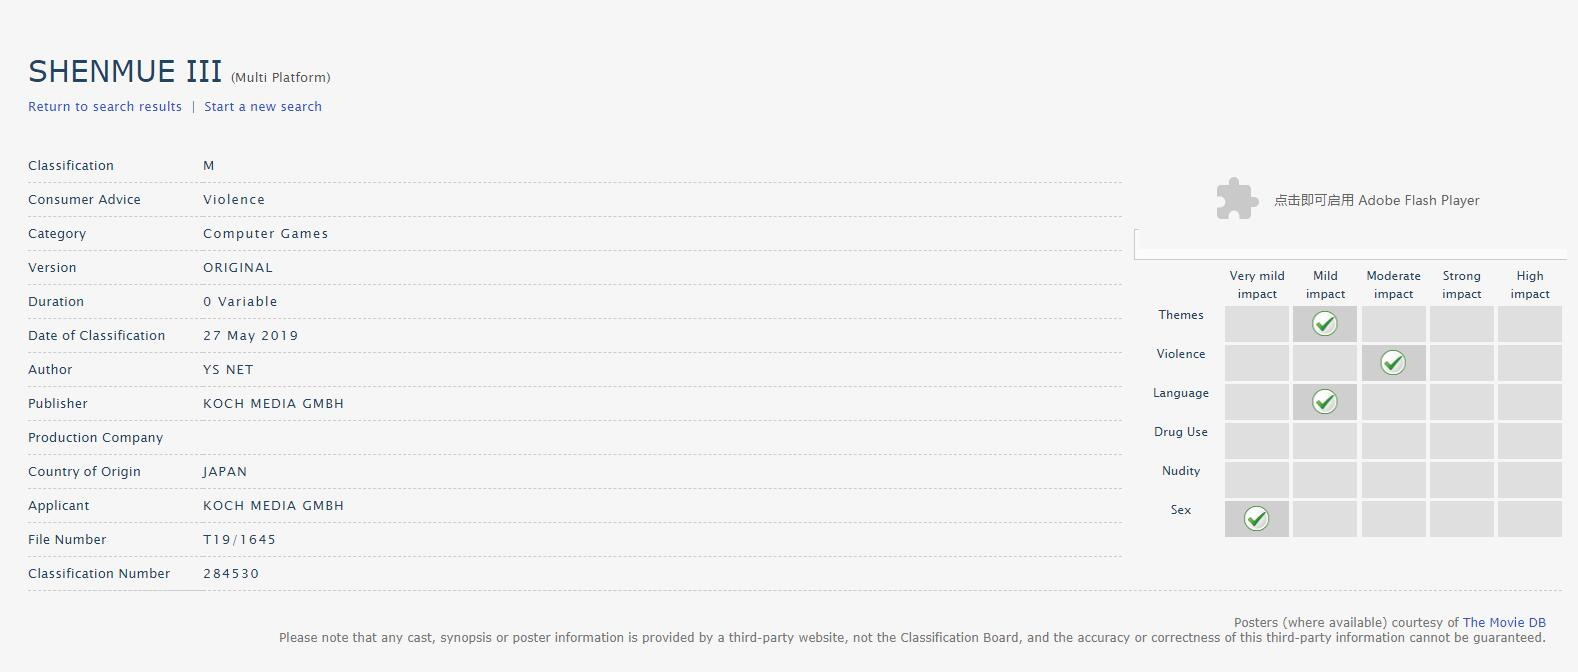 """《莎木3》 通过澳大利亚网站评级 获评""""M""""成人级"""